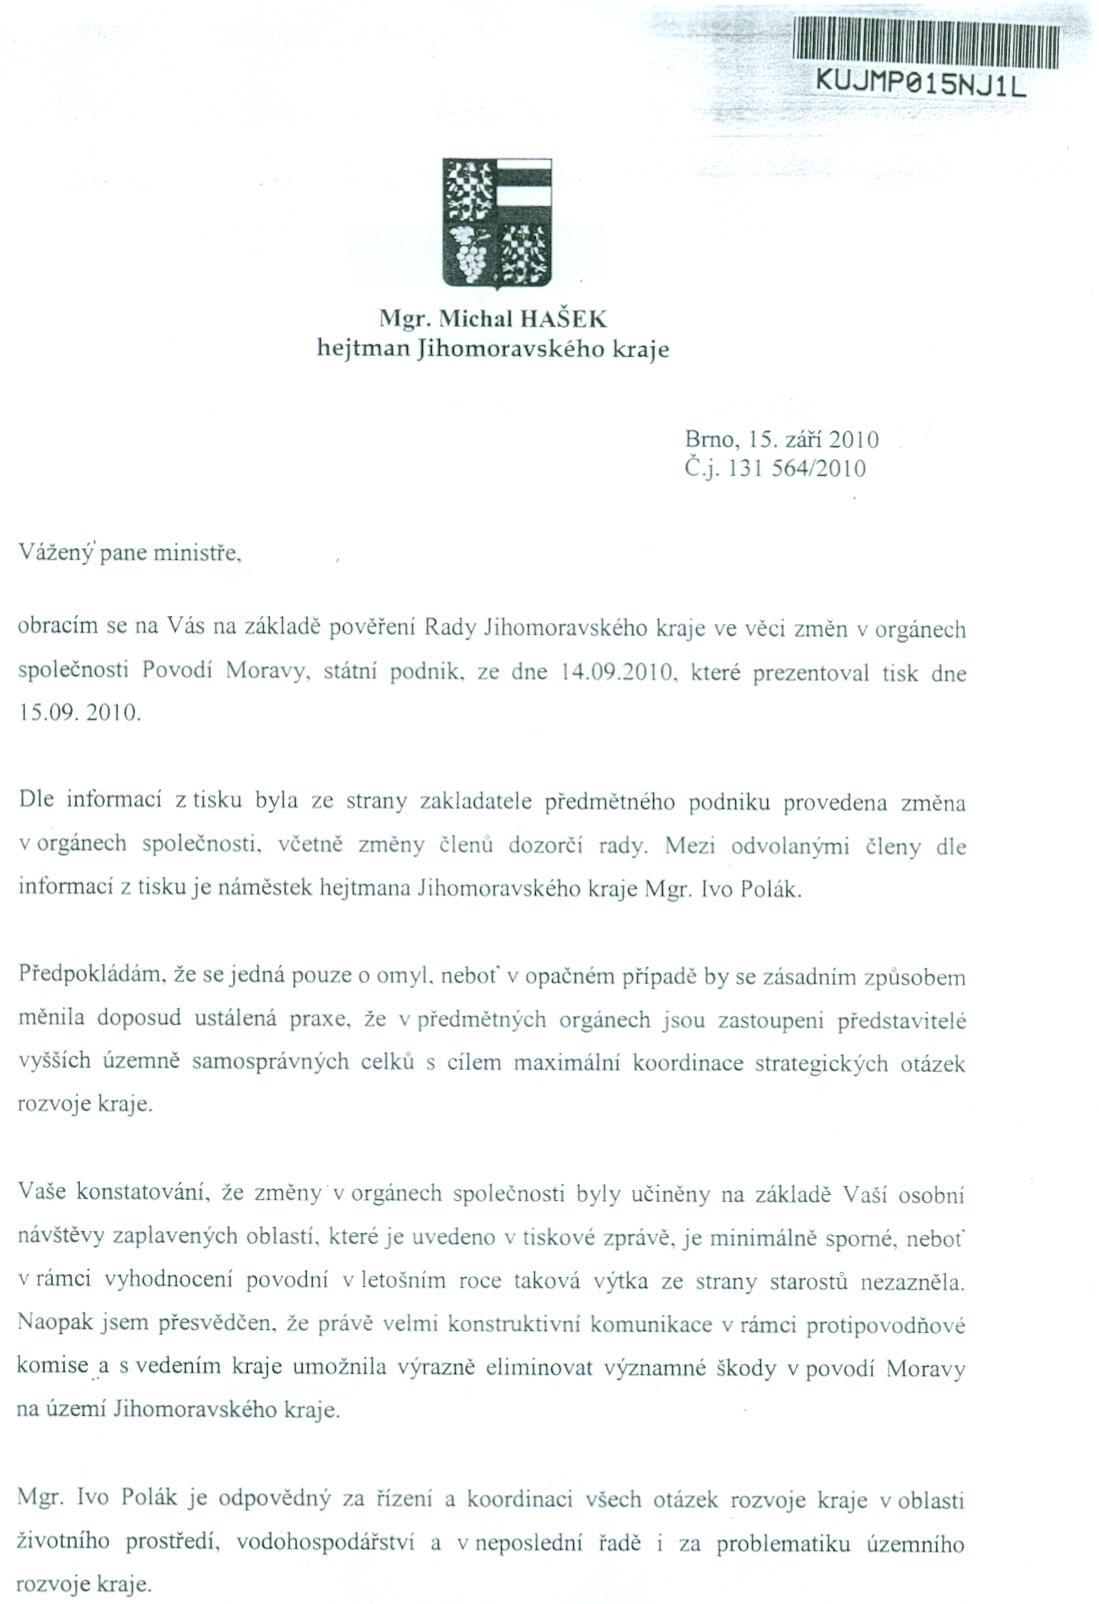 Dopis hejtmana ministru zemědělství